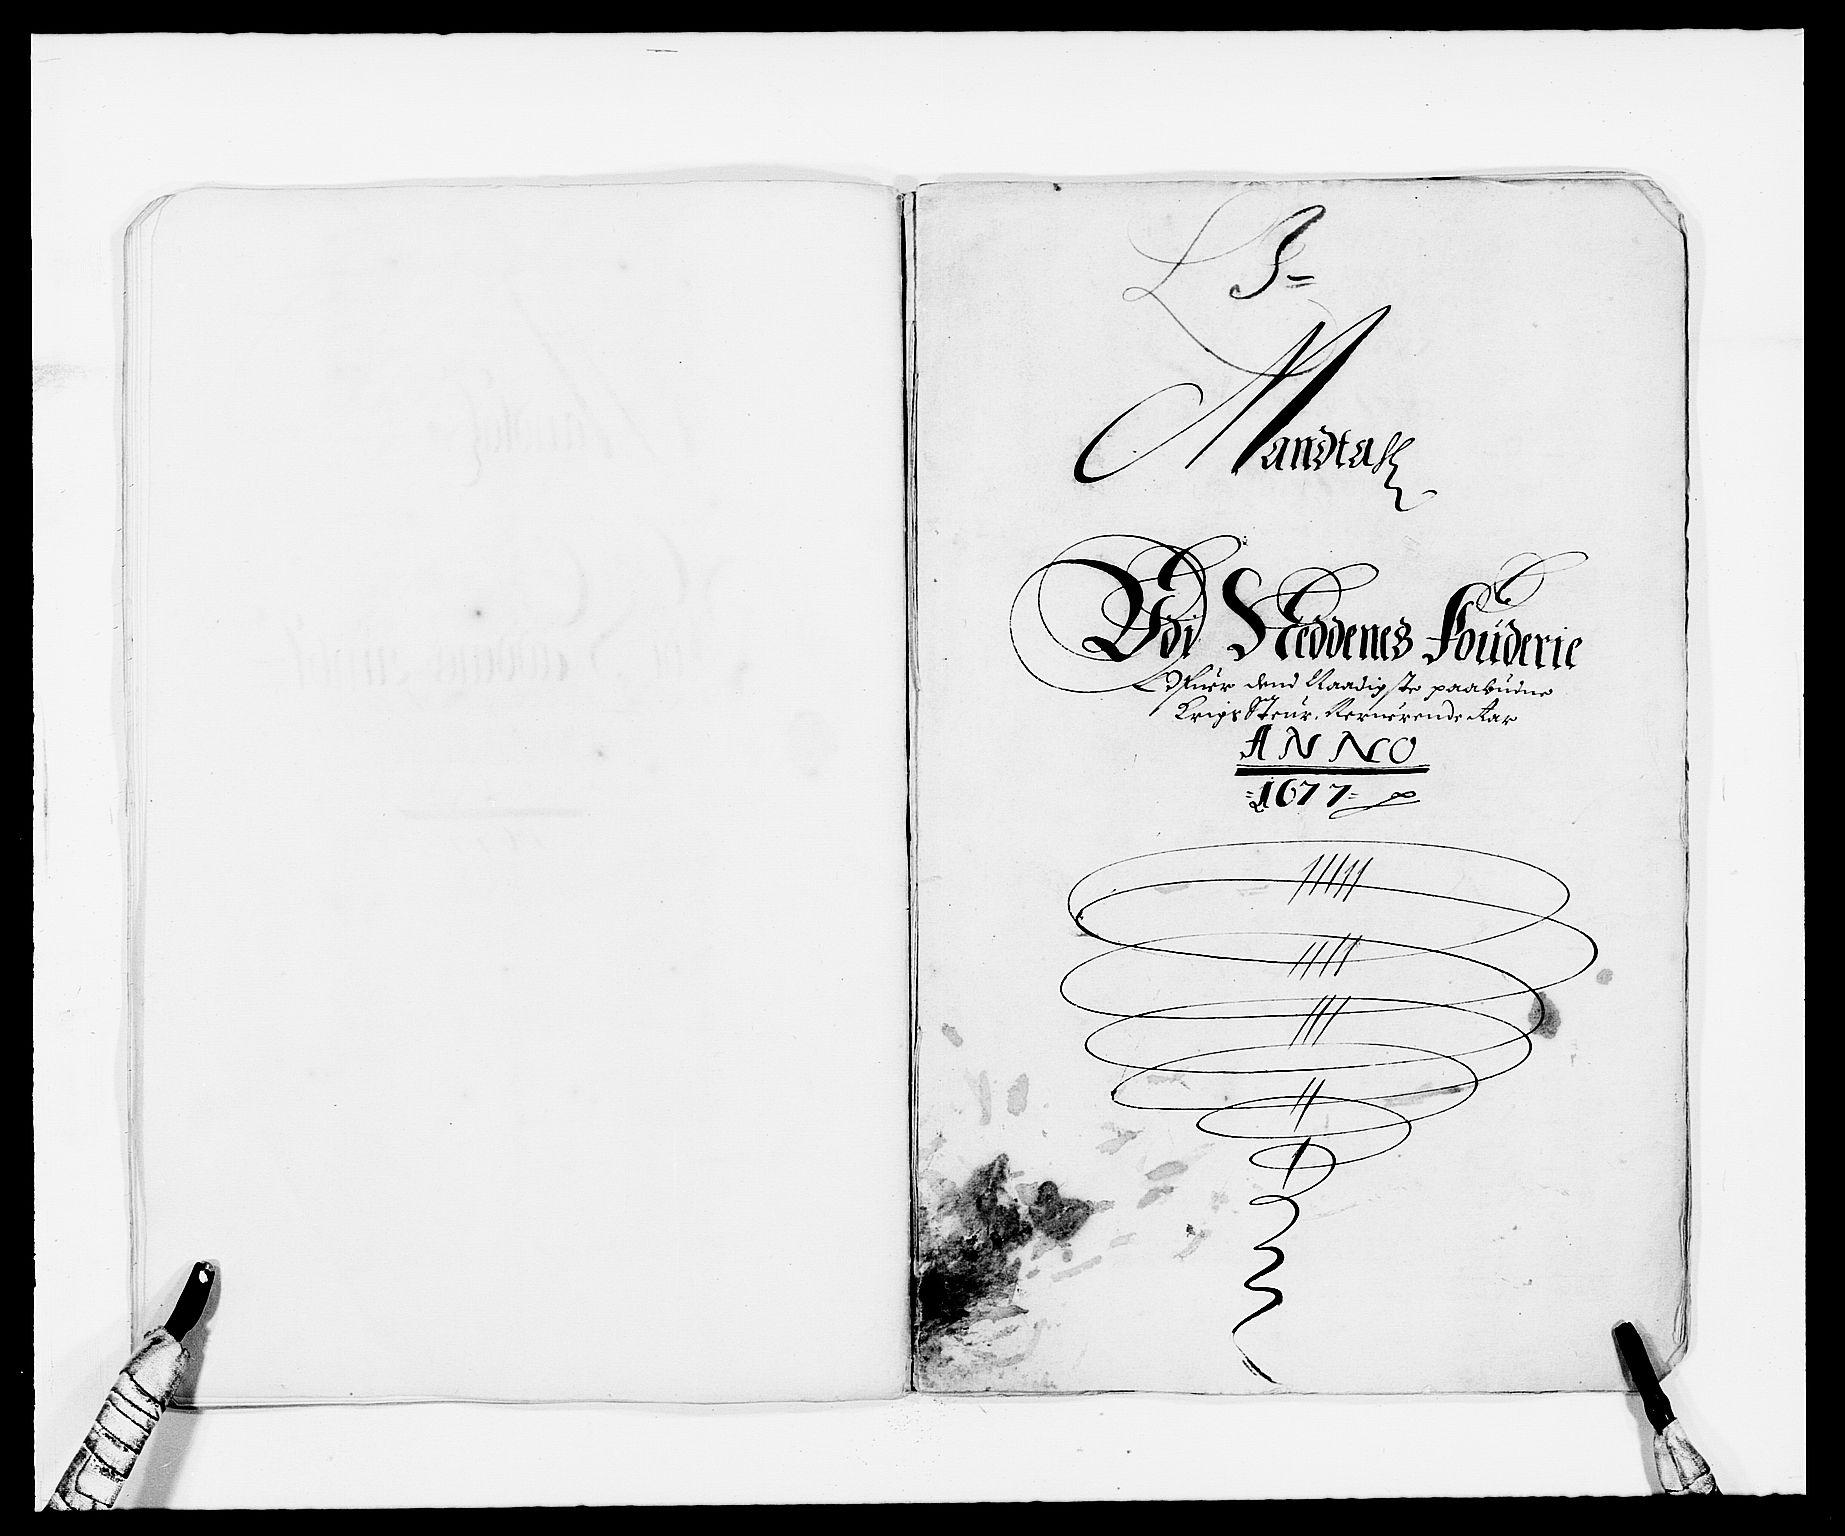 RA, Rentekammeret inntil 1814, Reviderte regnskaper, Fogderegnskap, R39/L2302: Fogderegnskap Nedenes, 1677-1678, s. 170